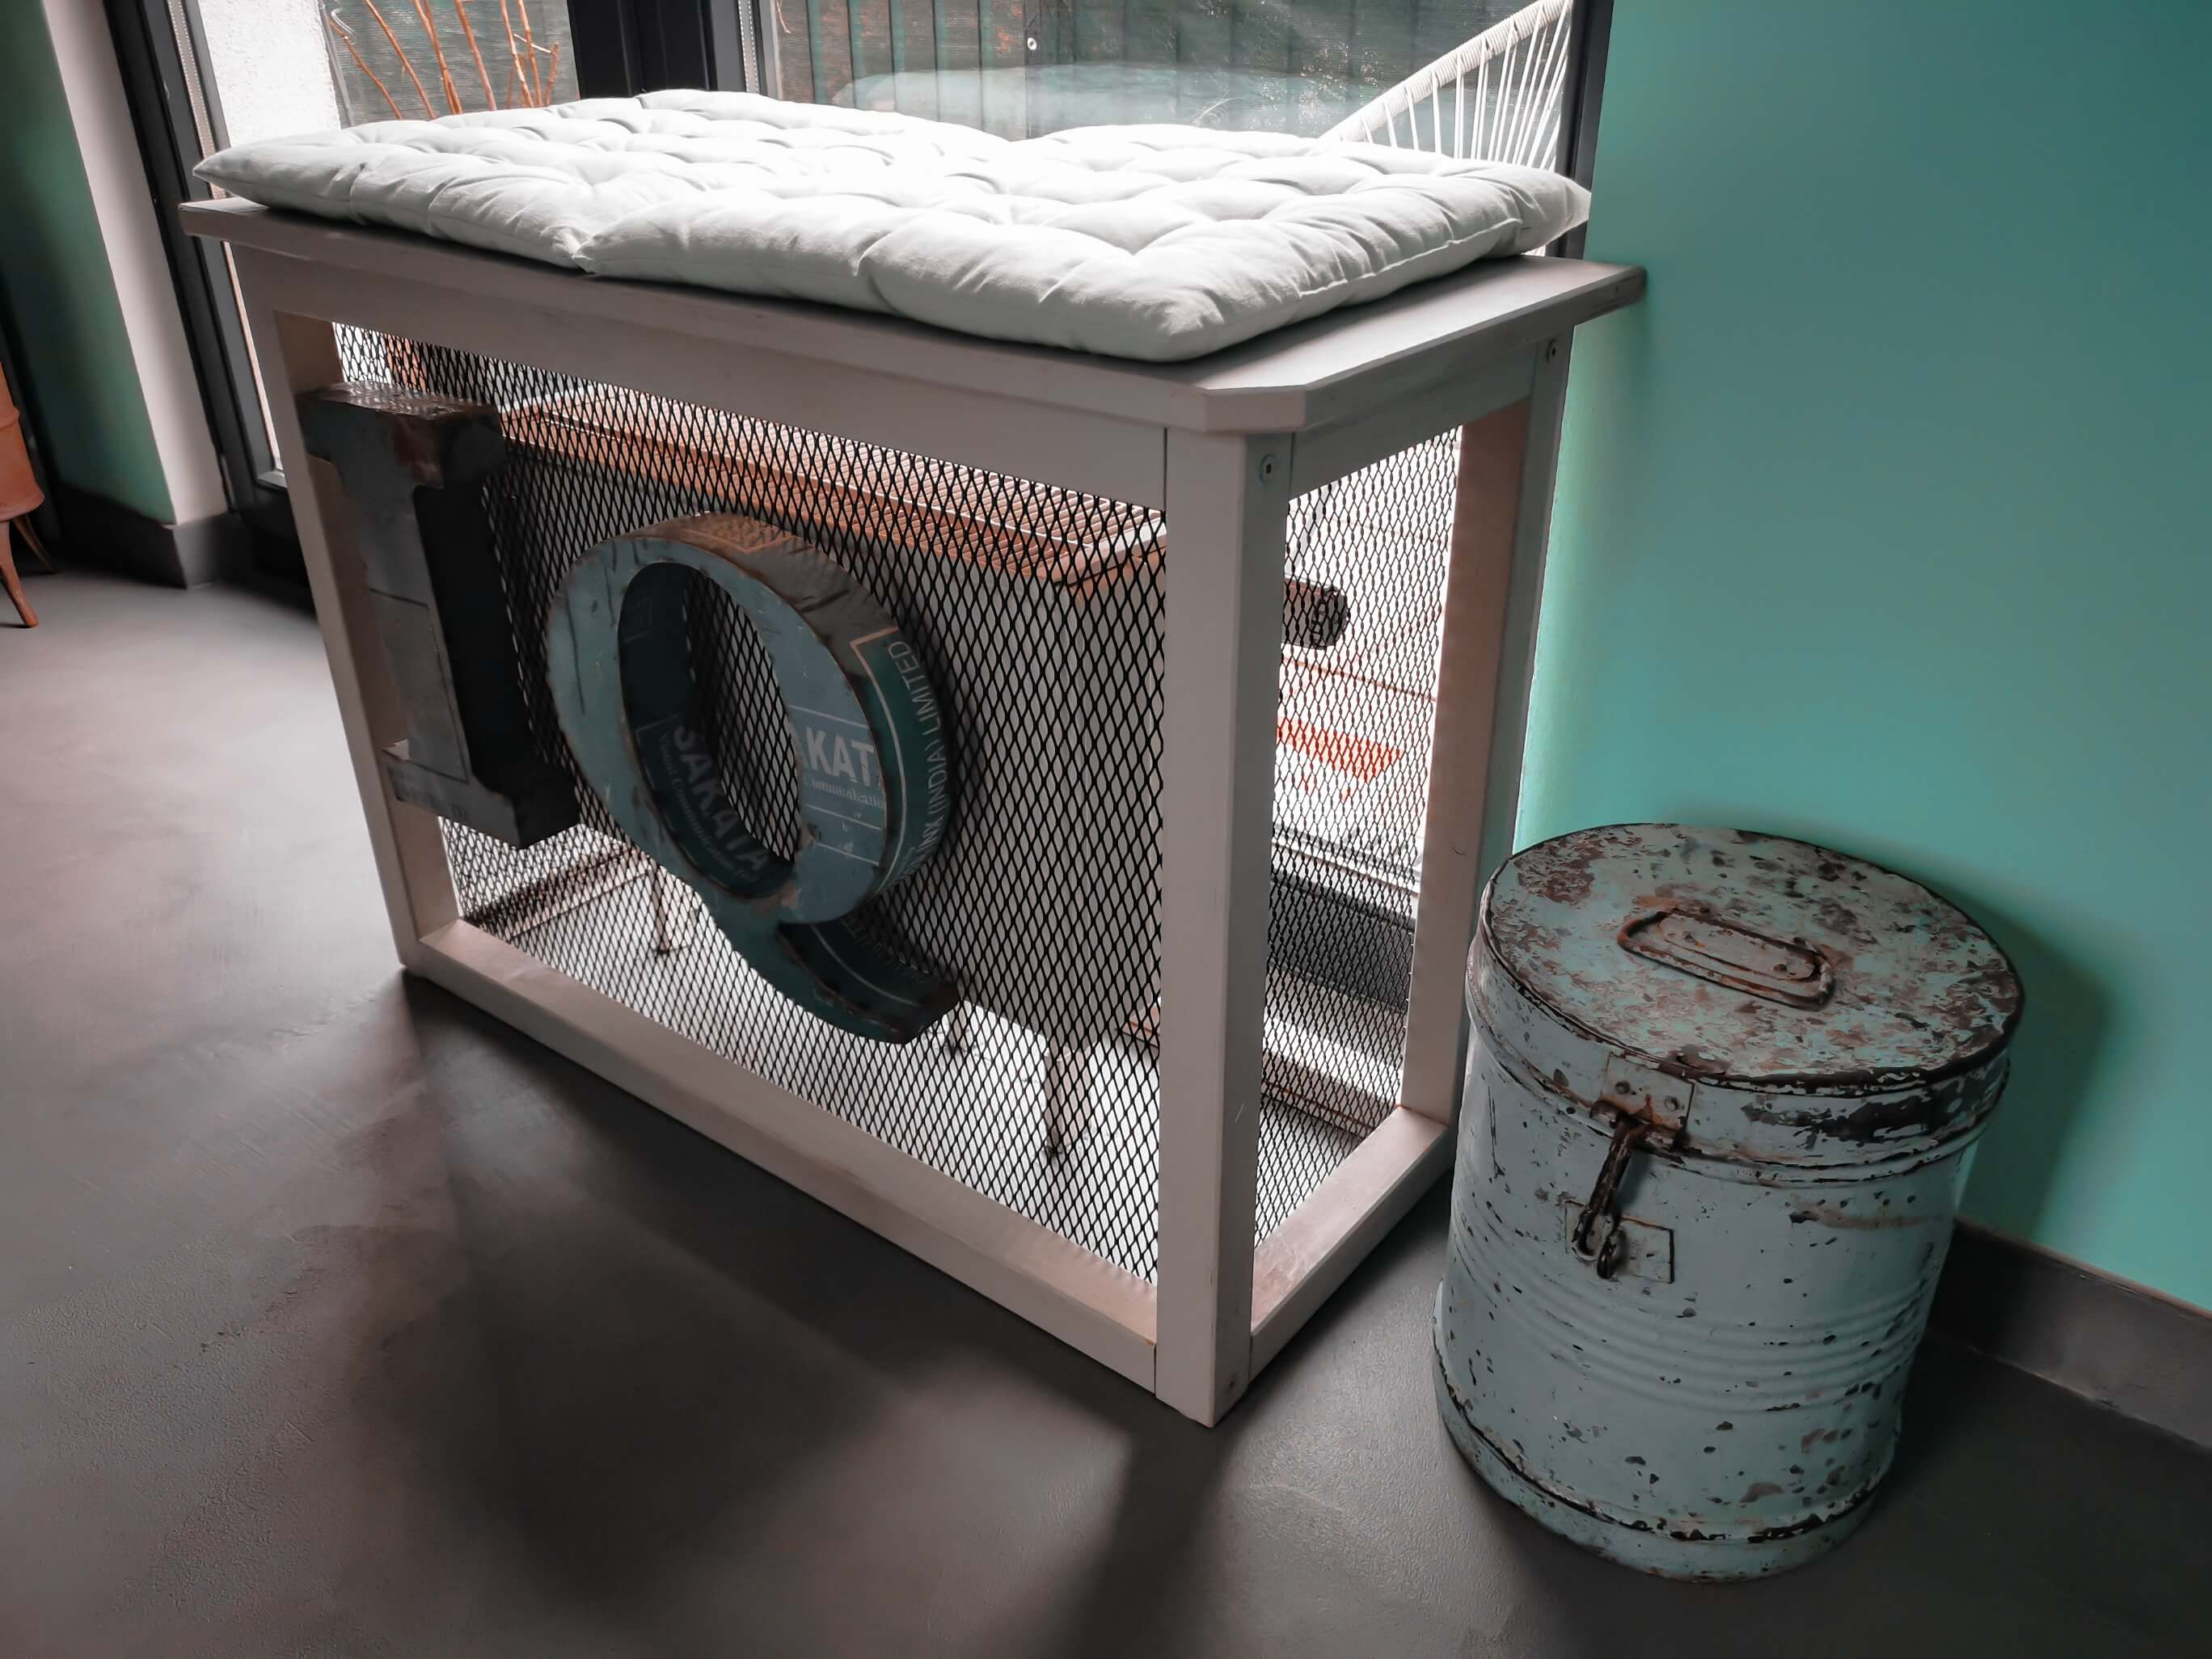 IMG 20191116 100433 resized 20191117 061542905 1 - Projekt Vorzimmer: 11 DIY-Ideen an einem Ort